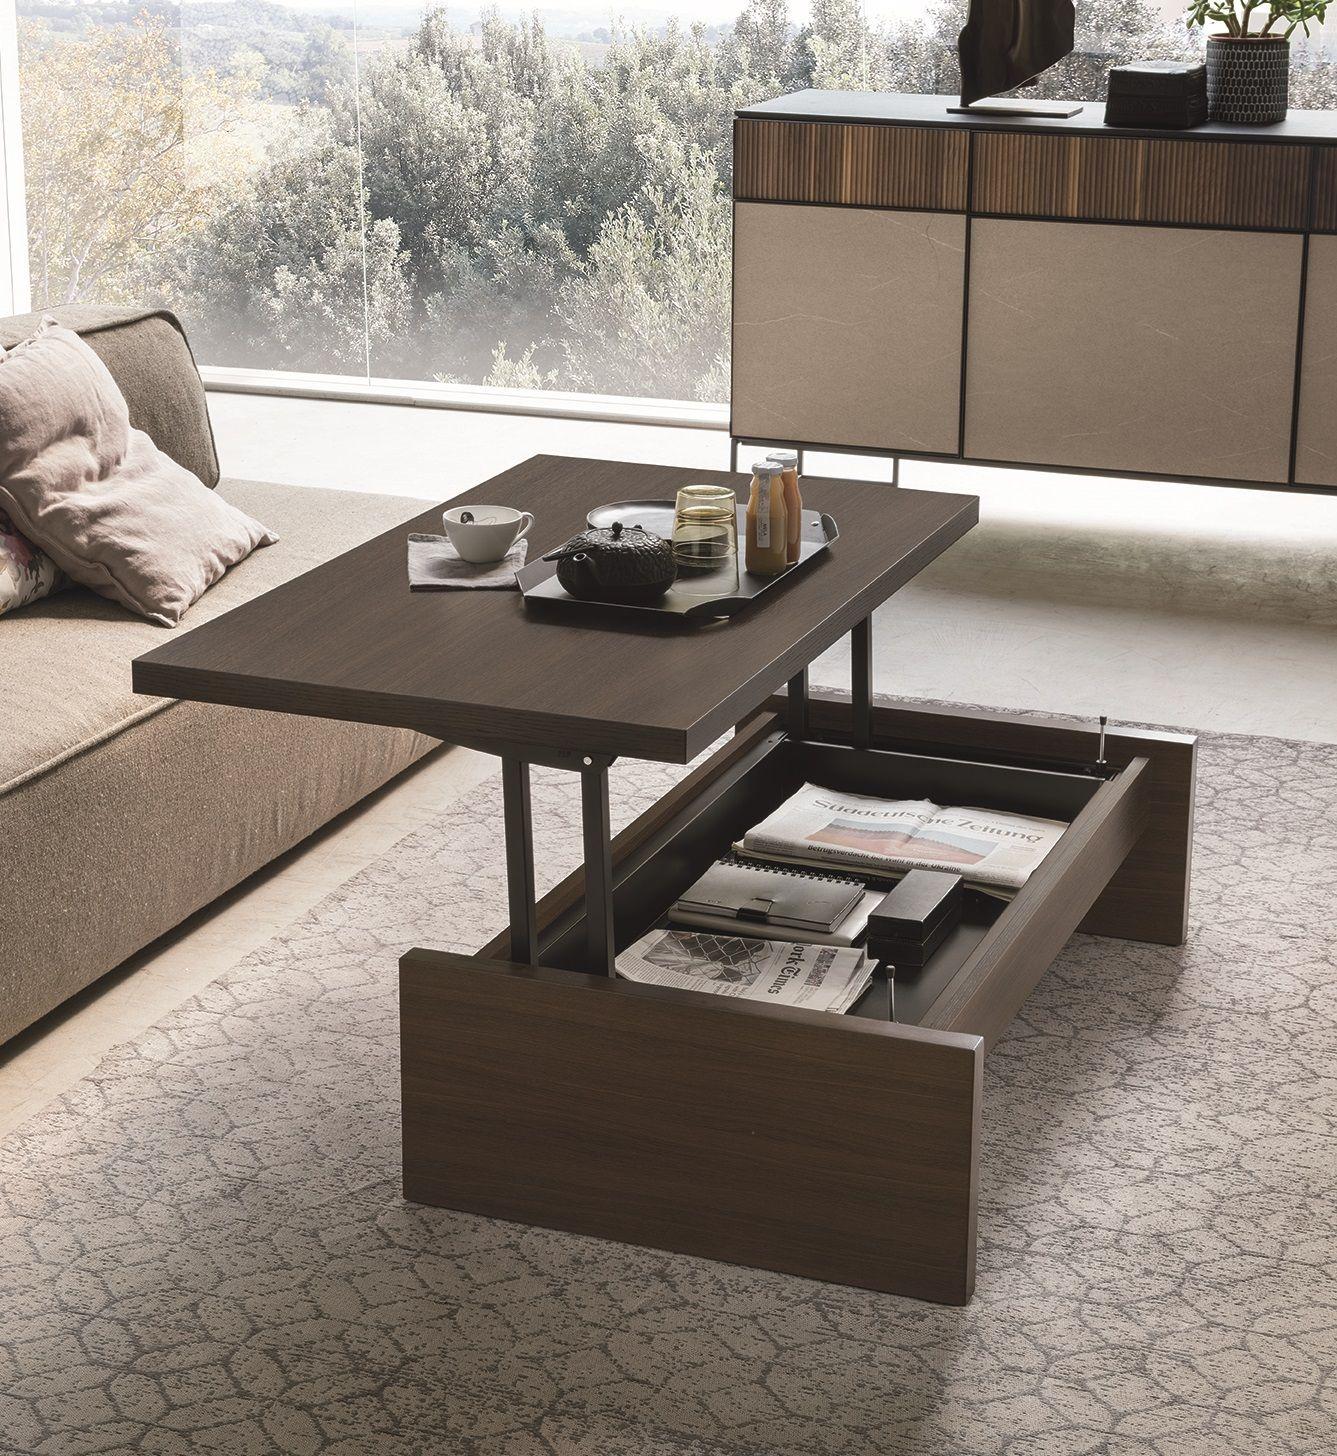 Tavolo Alzabile Salotto Pranzo.Tavolino Alzabile Single Tavolini Tavolo Da Pranzo Moderno Idee Arredamento Soggiorno